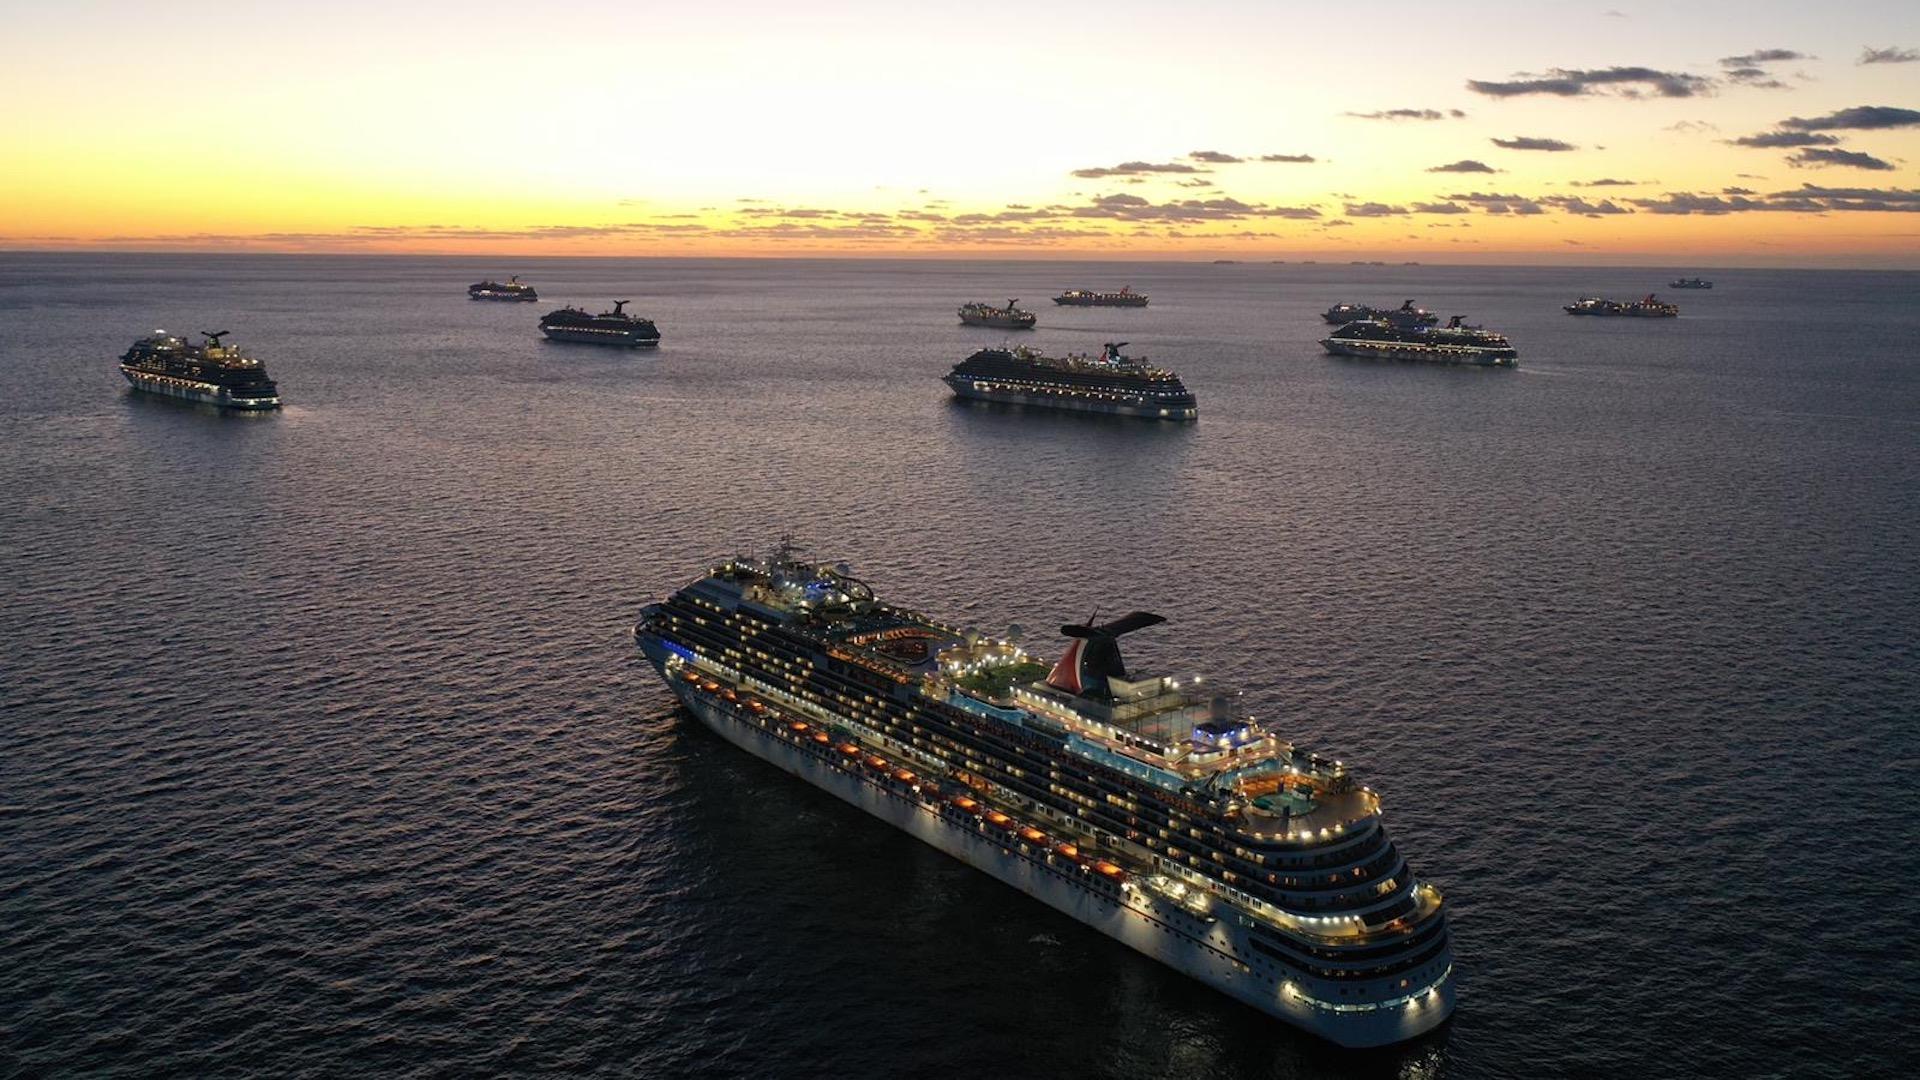 ¿Cuándo se podrá volver a viajar en crucero?